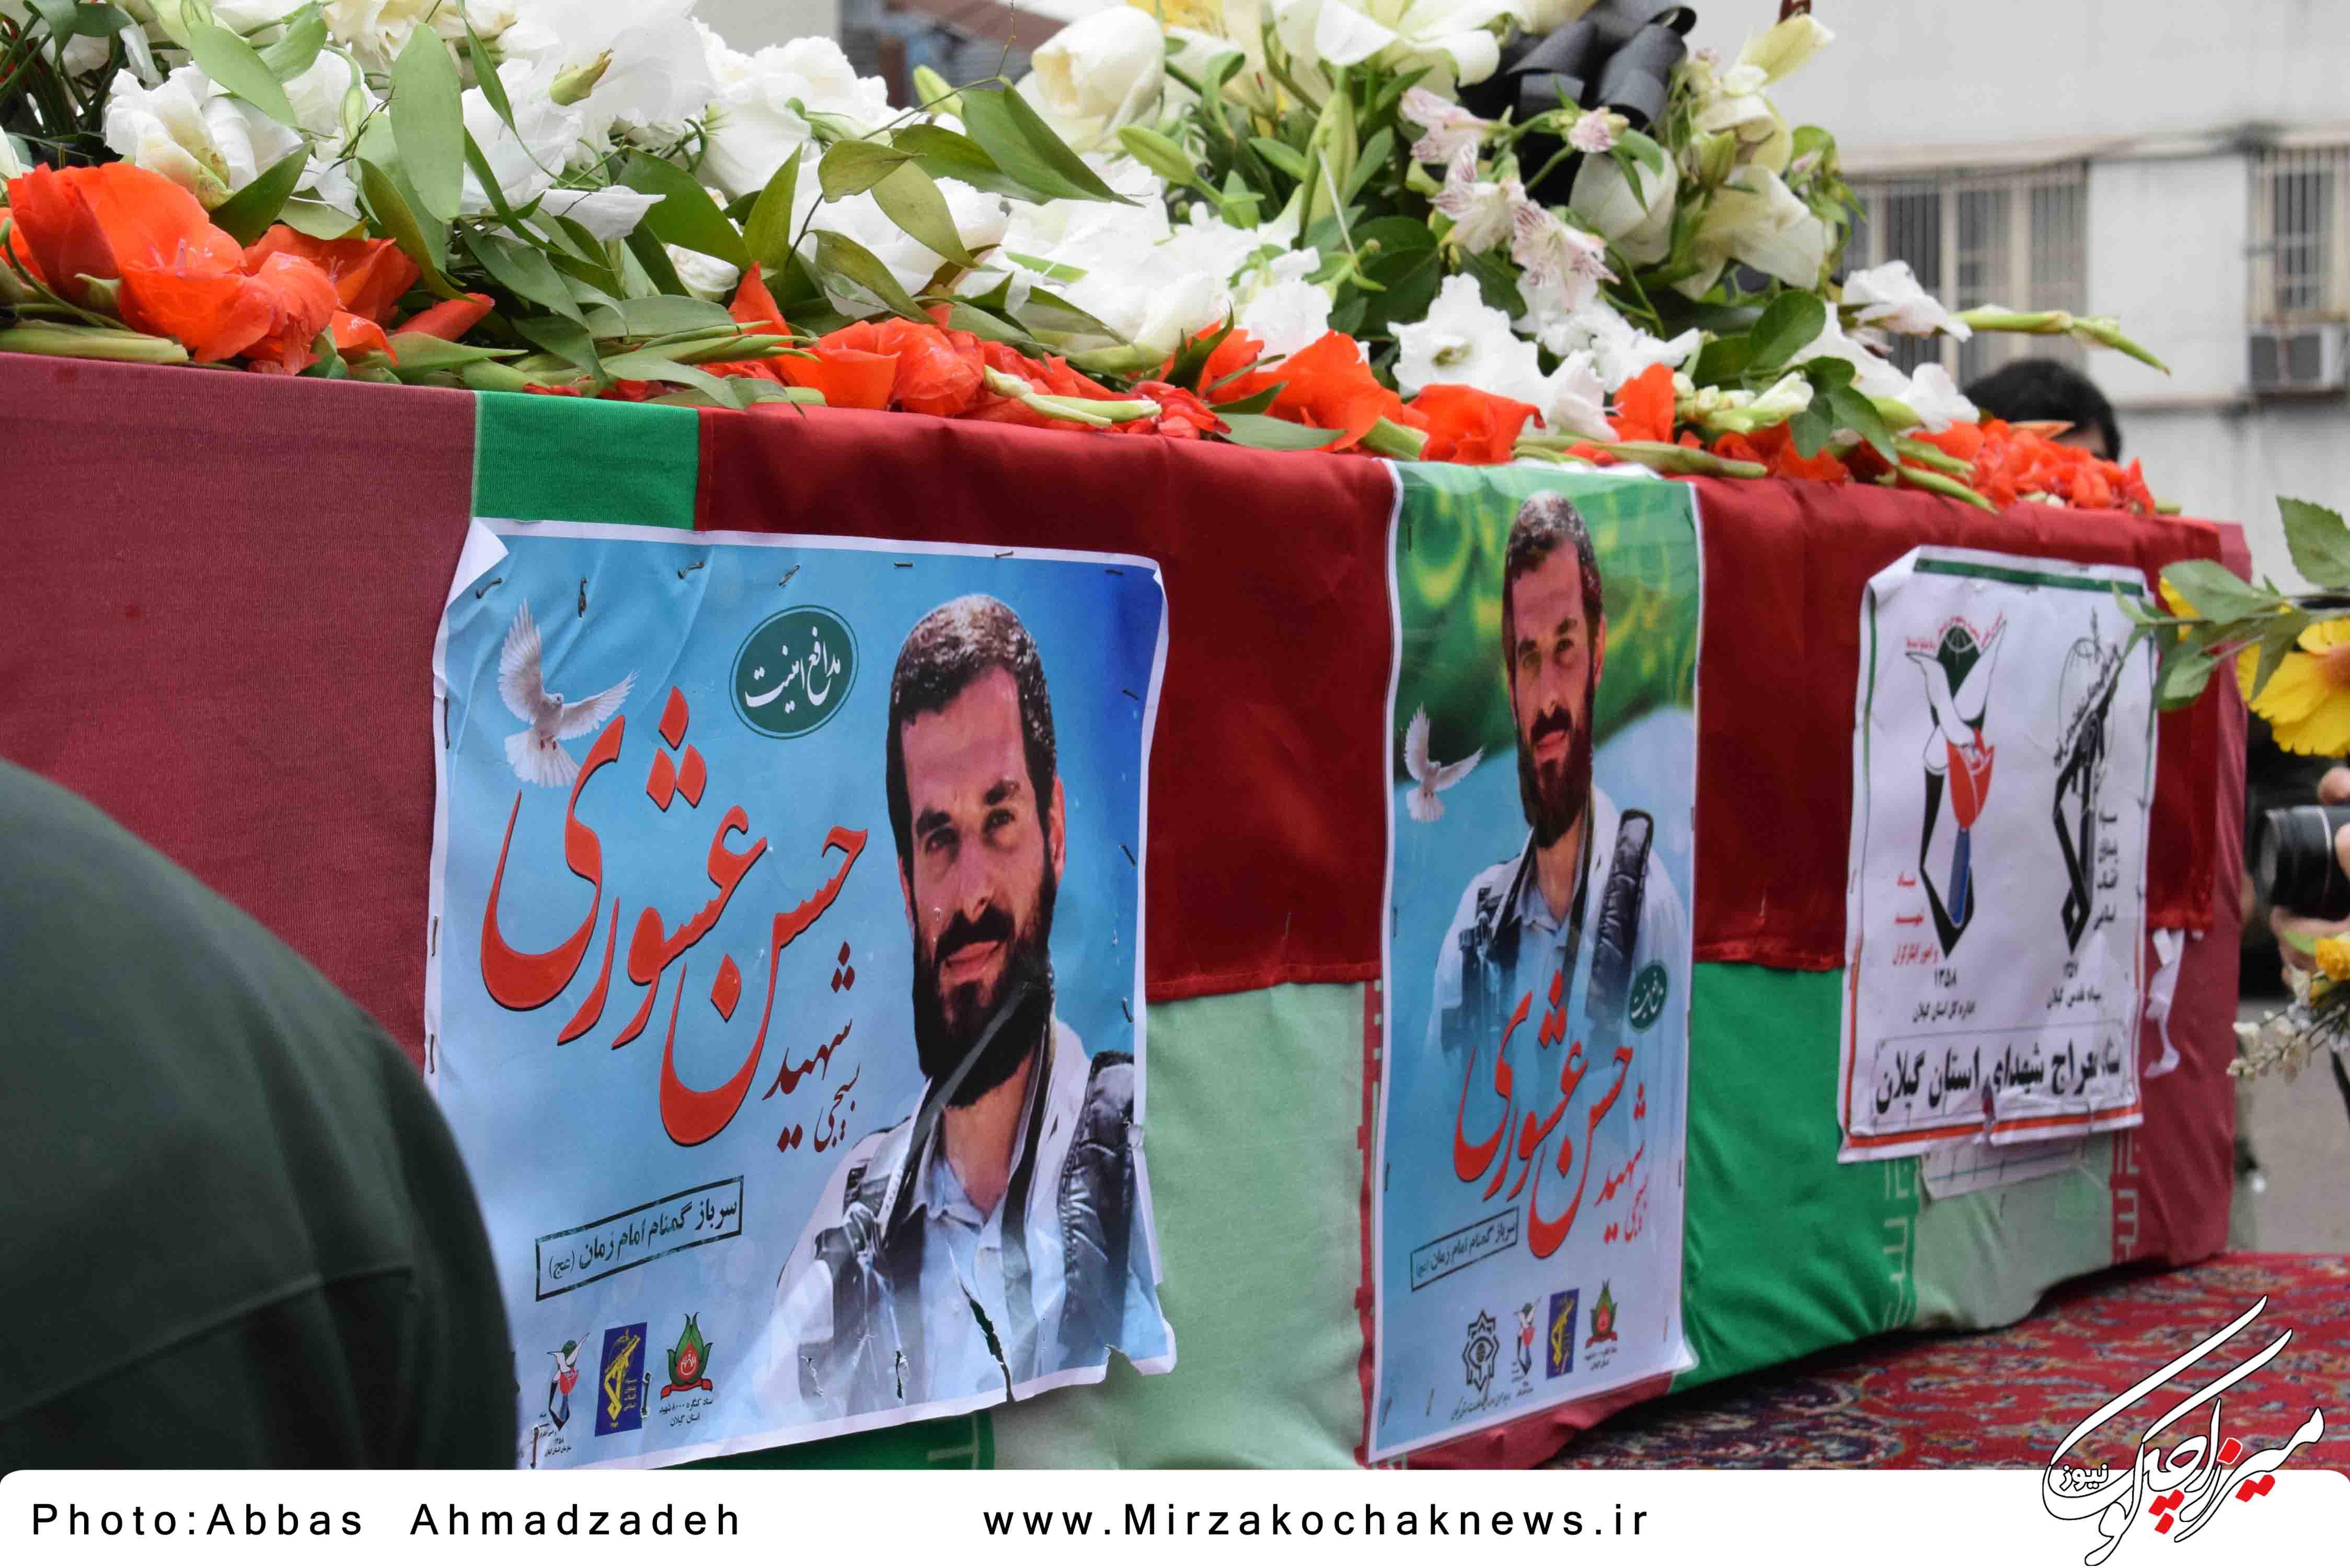 مراسم تشییع پیکر مطهر شهید مدافع امنیت حسن عشوری در رشت برگزار شد